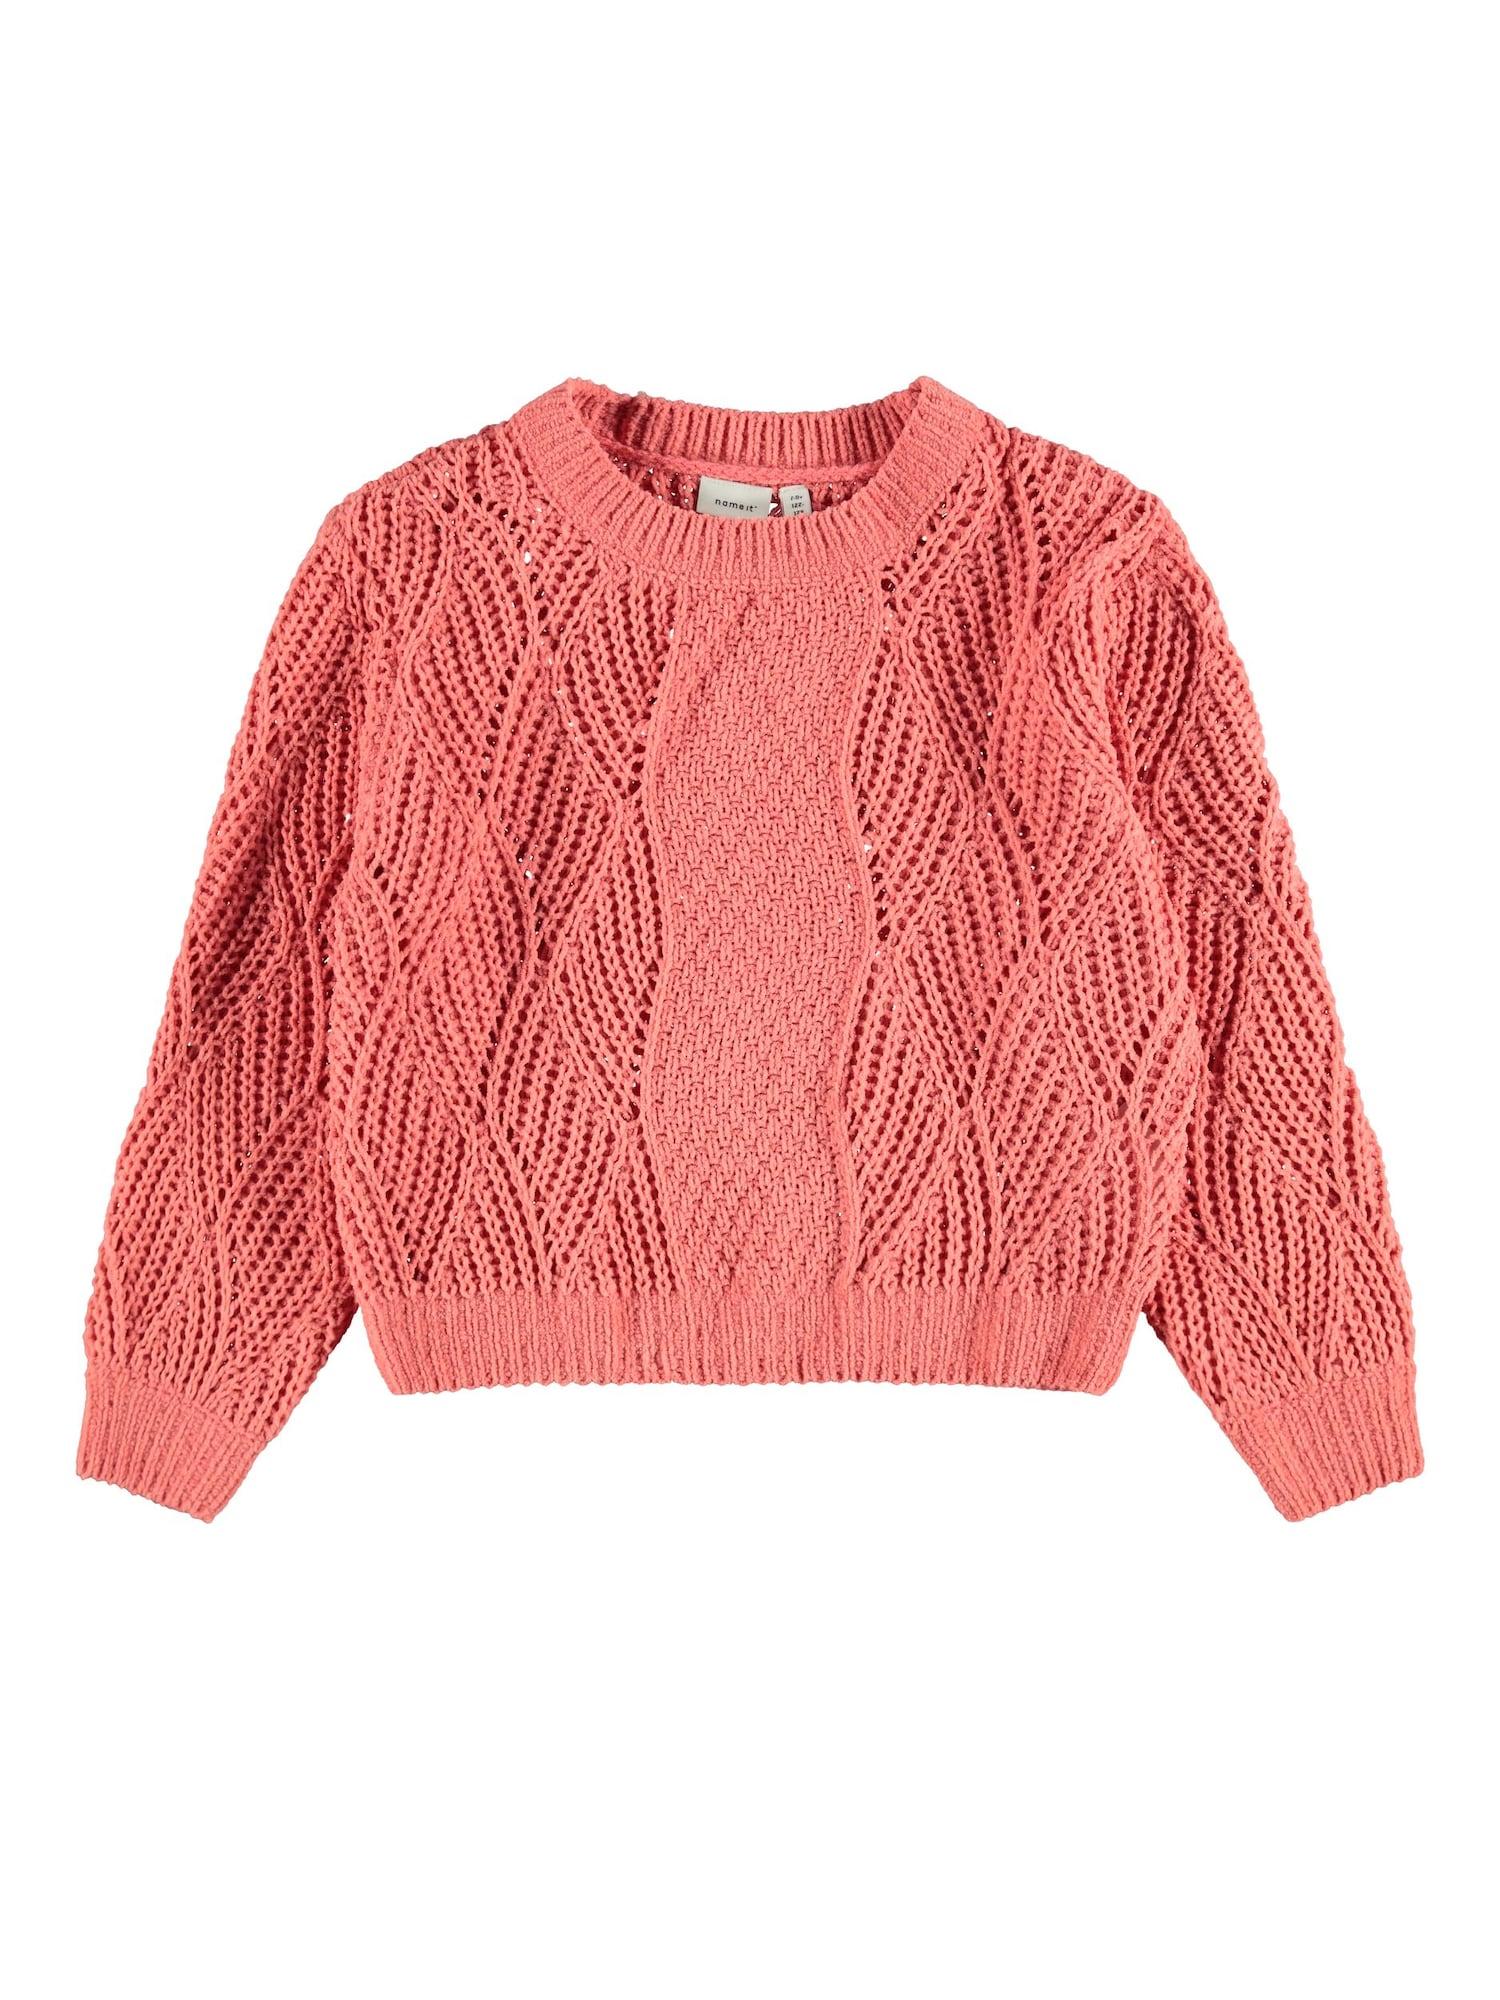 NAME IT Megztinis rožinė